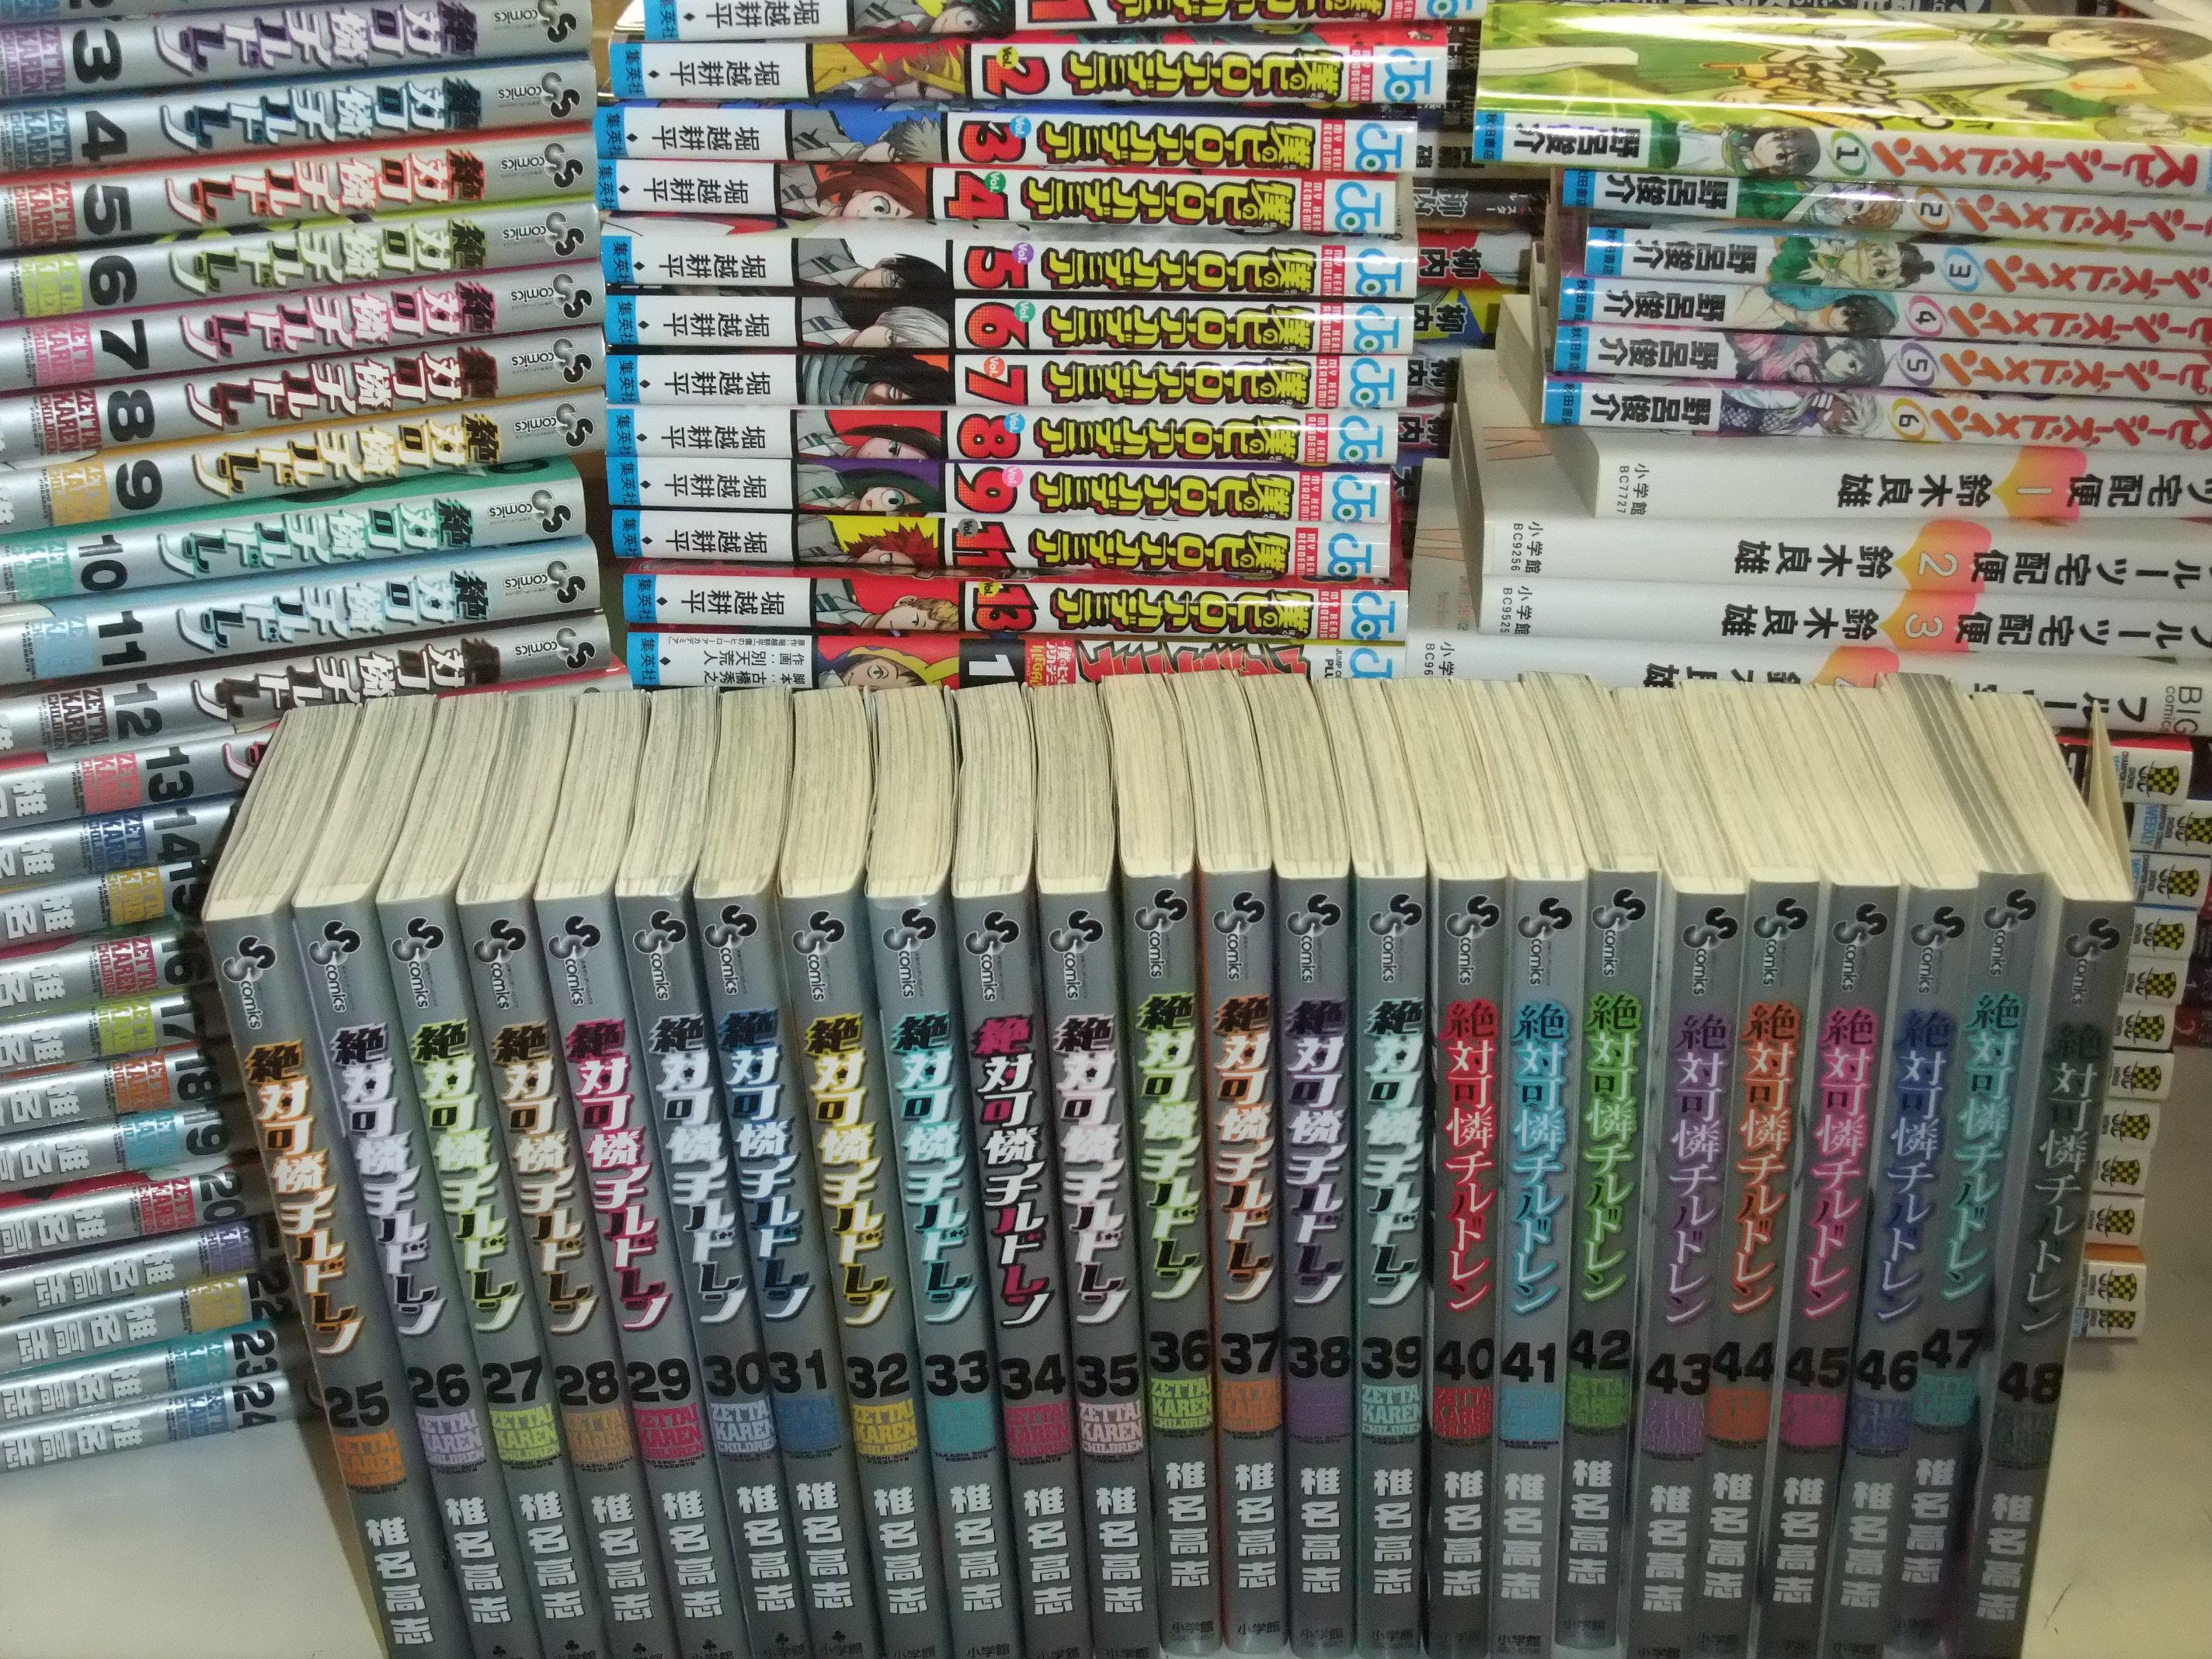 袋井市 漫画買取 「僕のヒーローアカデミア 異世界居酒屋 のぶ ダーウィンズゲーム」など